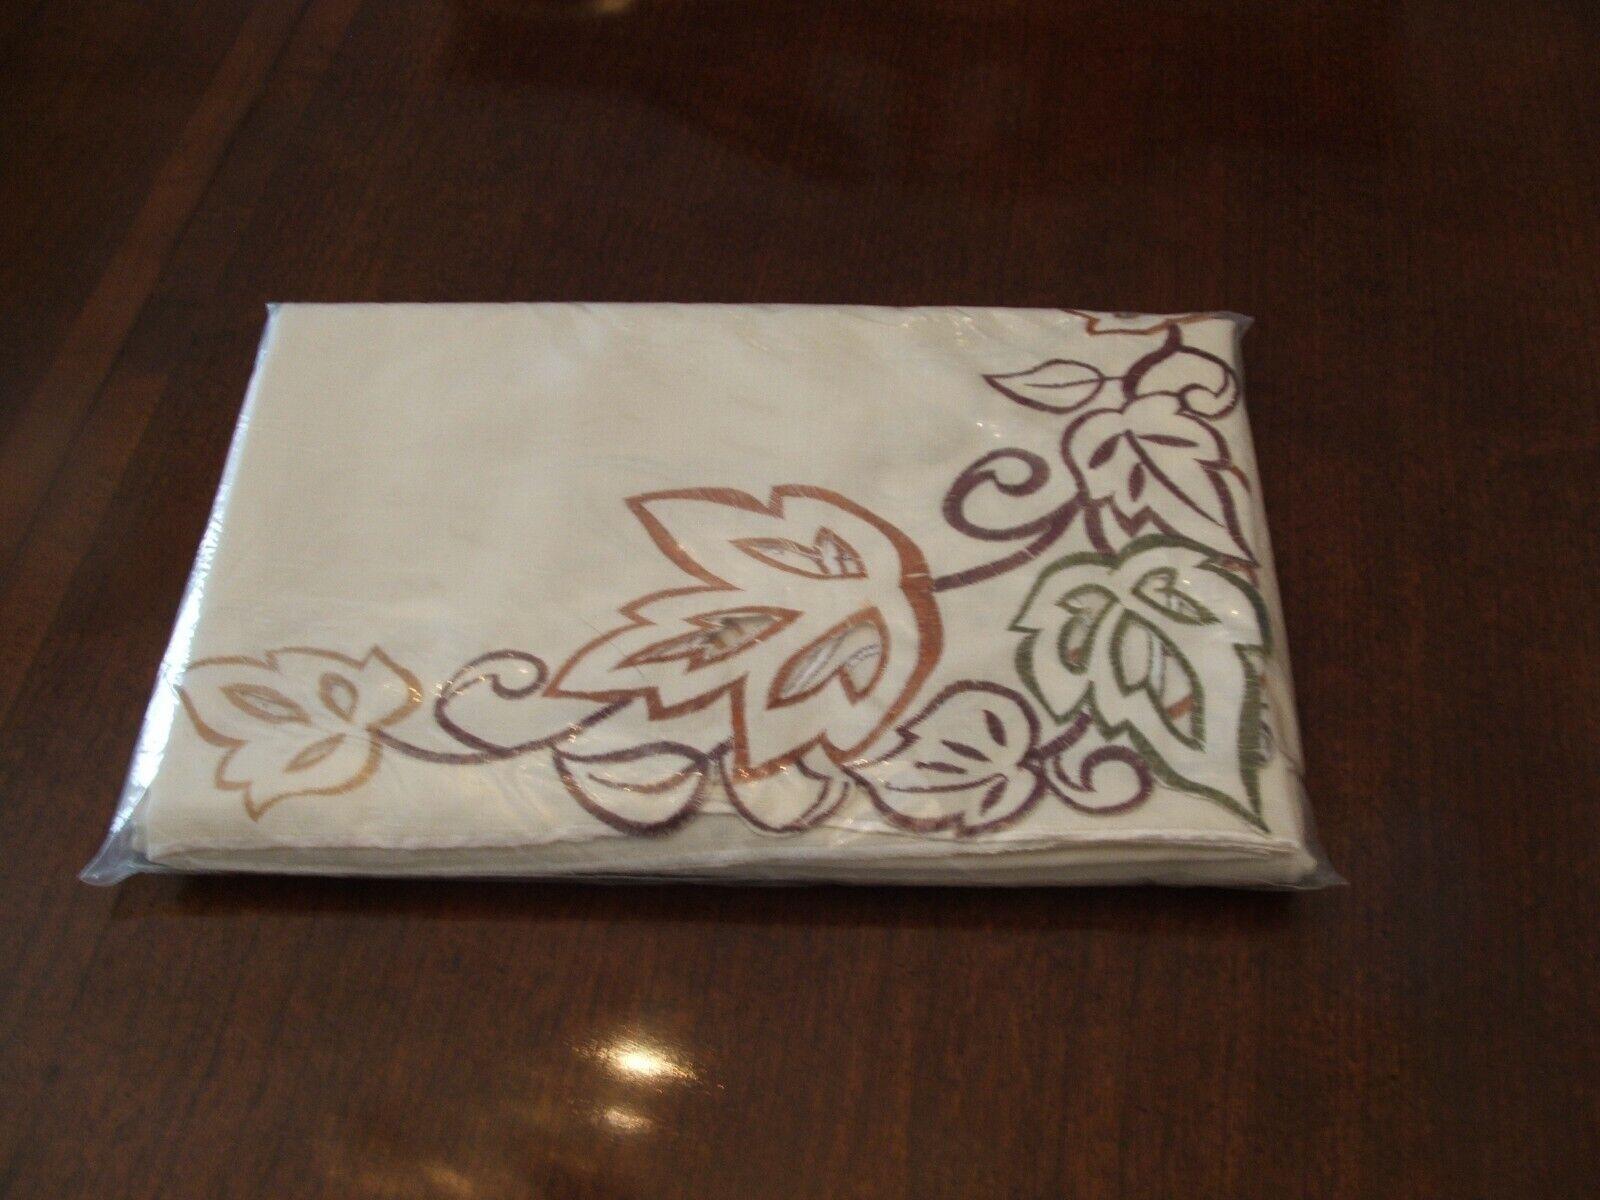 Neuf avec étiquettes 102  Taille Penny'S CHRIS MADDEN ivoire avec feuilles Nappe-NEUF dans emballage